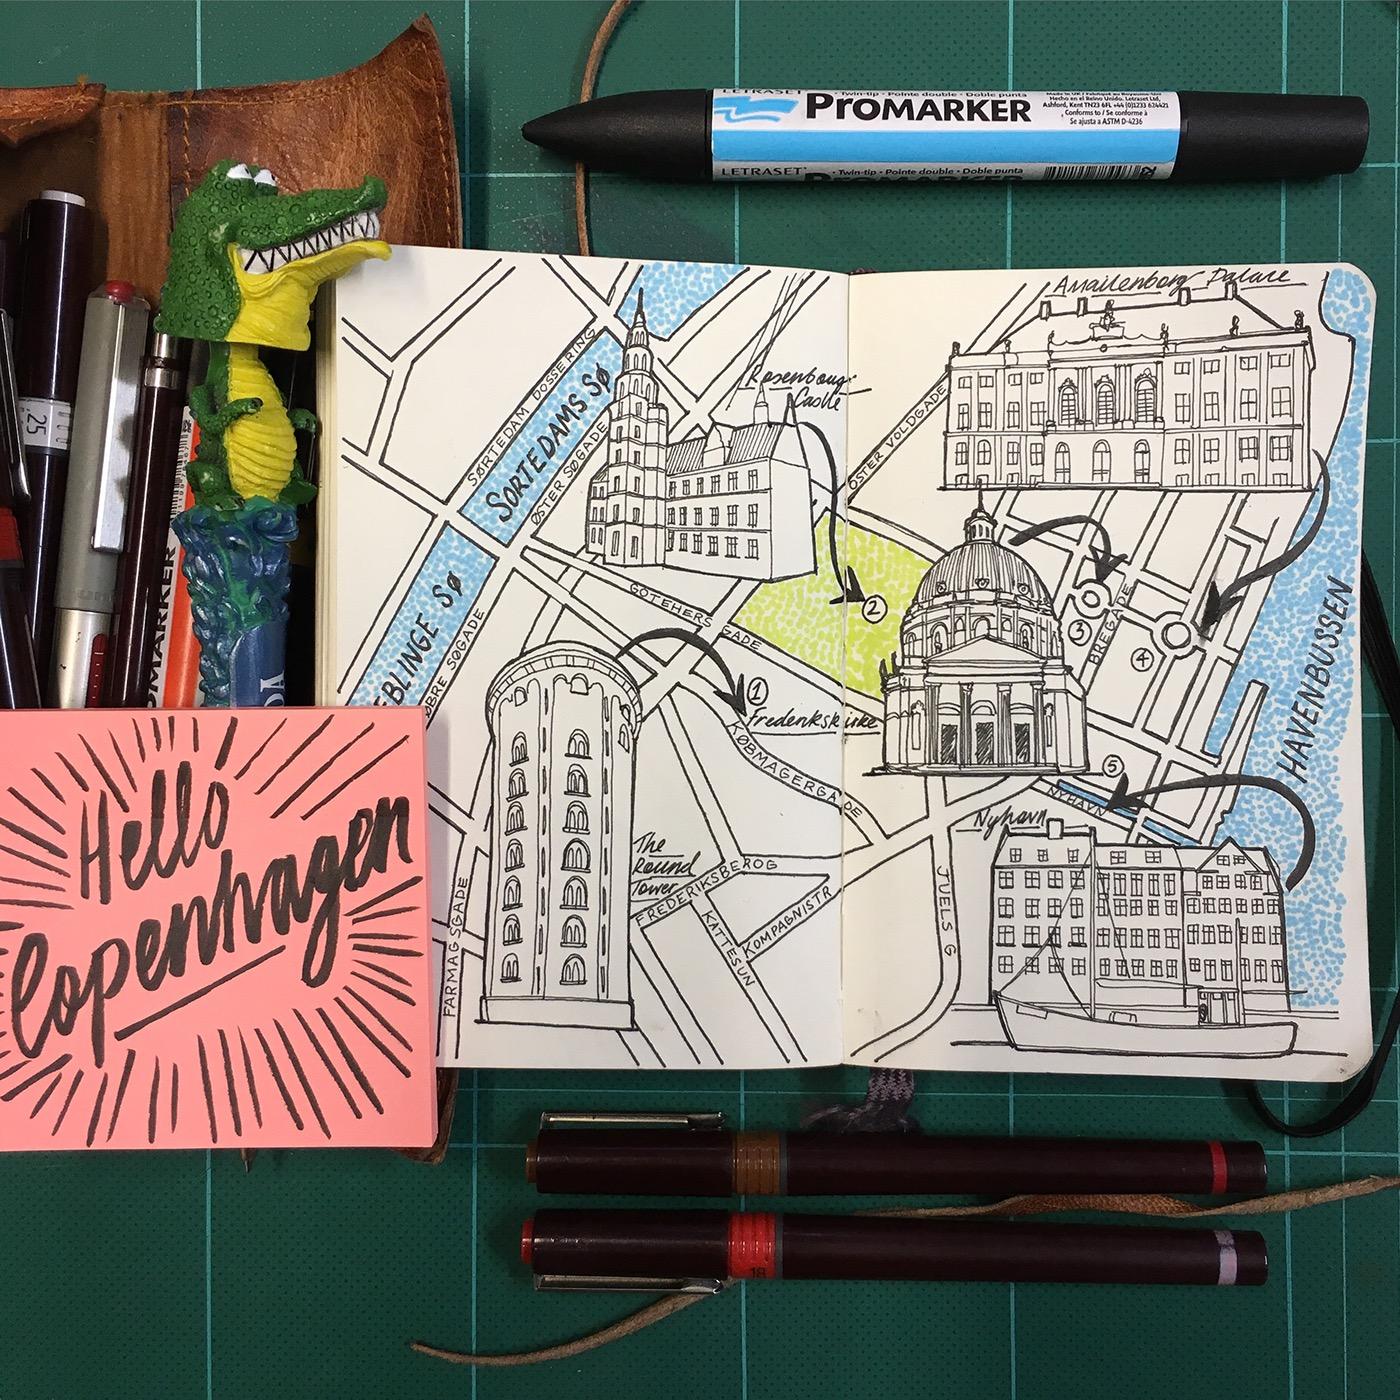 Jitesh Patel, City Map Drawings, Copenhagen, 2017